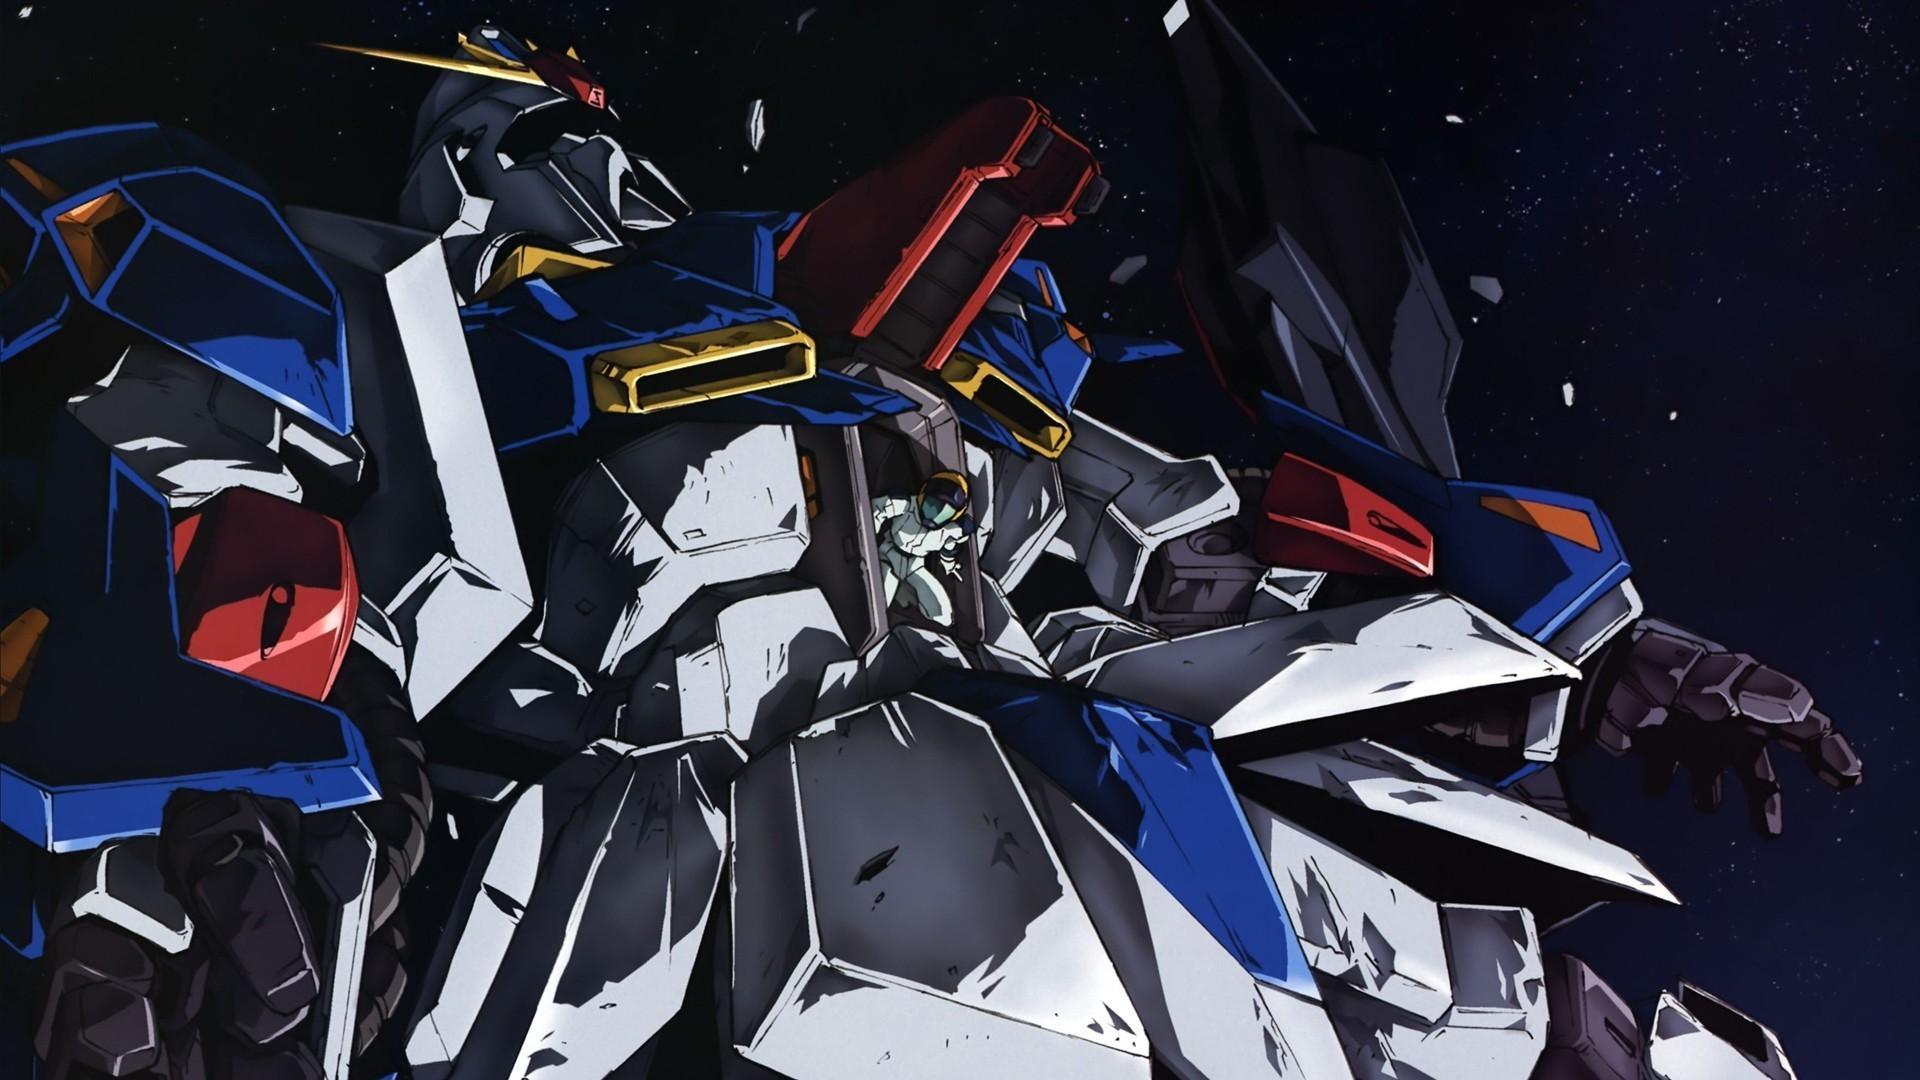 Gundam, Mobile Suit, Mobile Suit Zeta Gundam Wallpapers HD